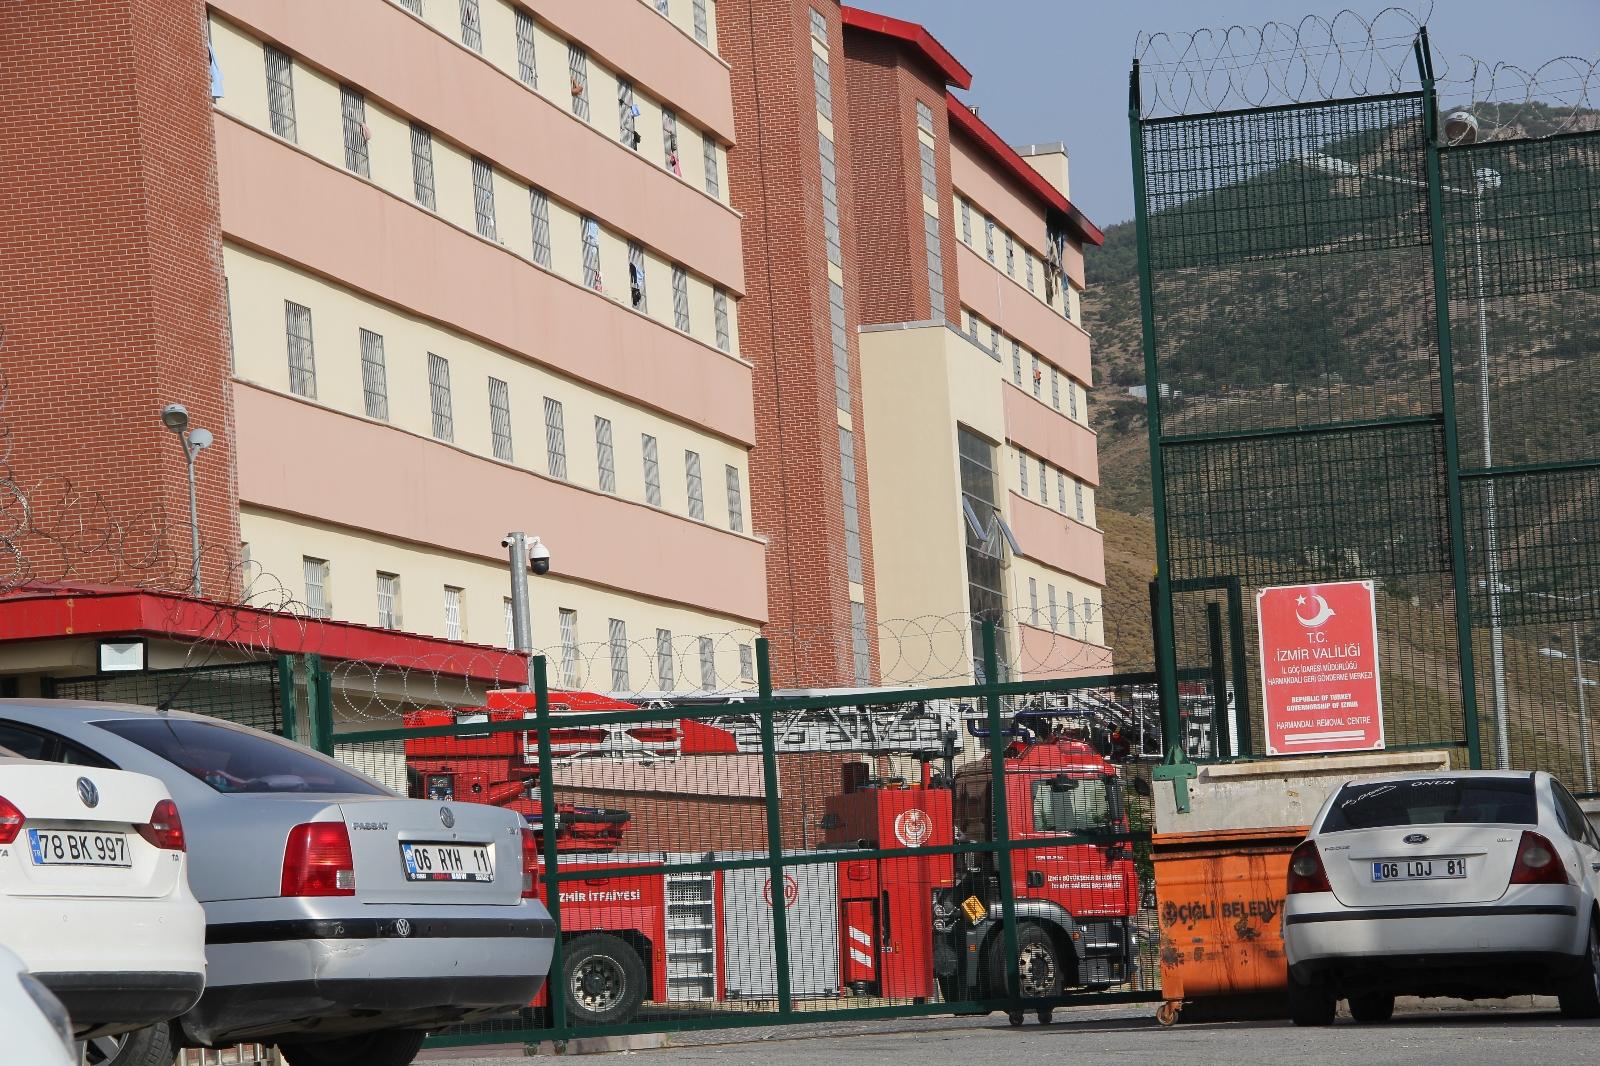 Geri Gönderme Merkezindeki yangında 1 sığınmacı hayatını kaybetti